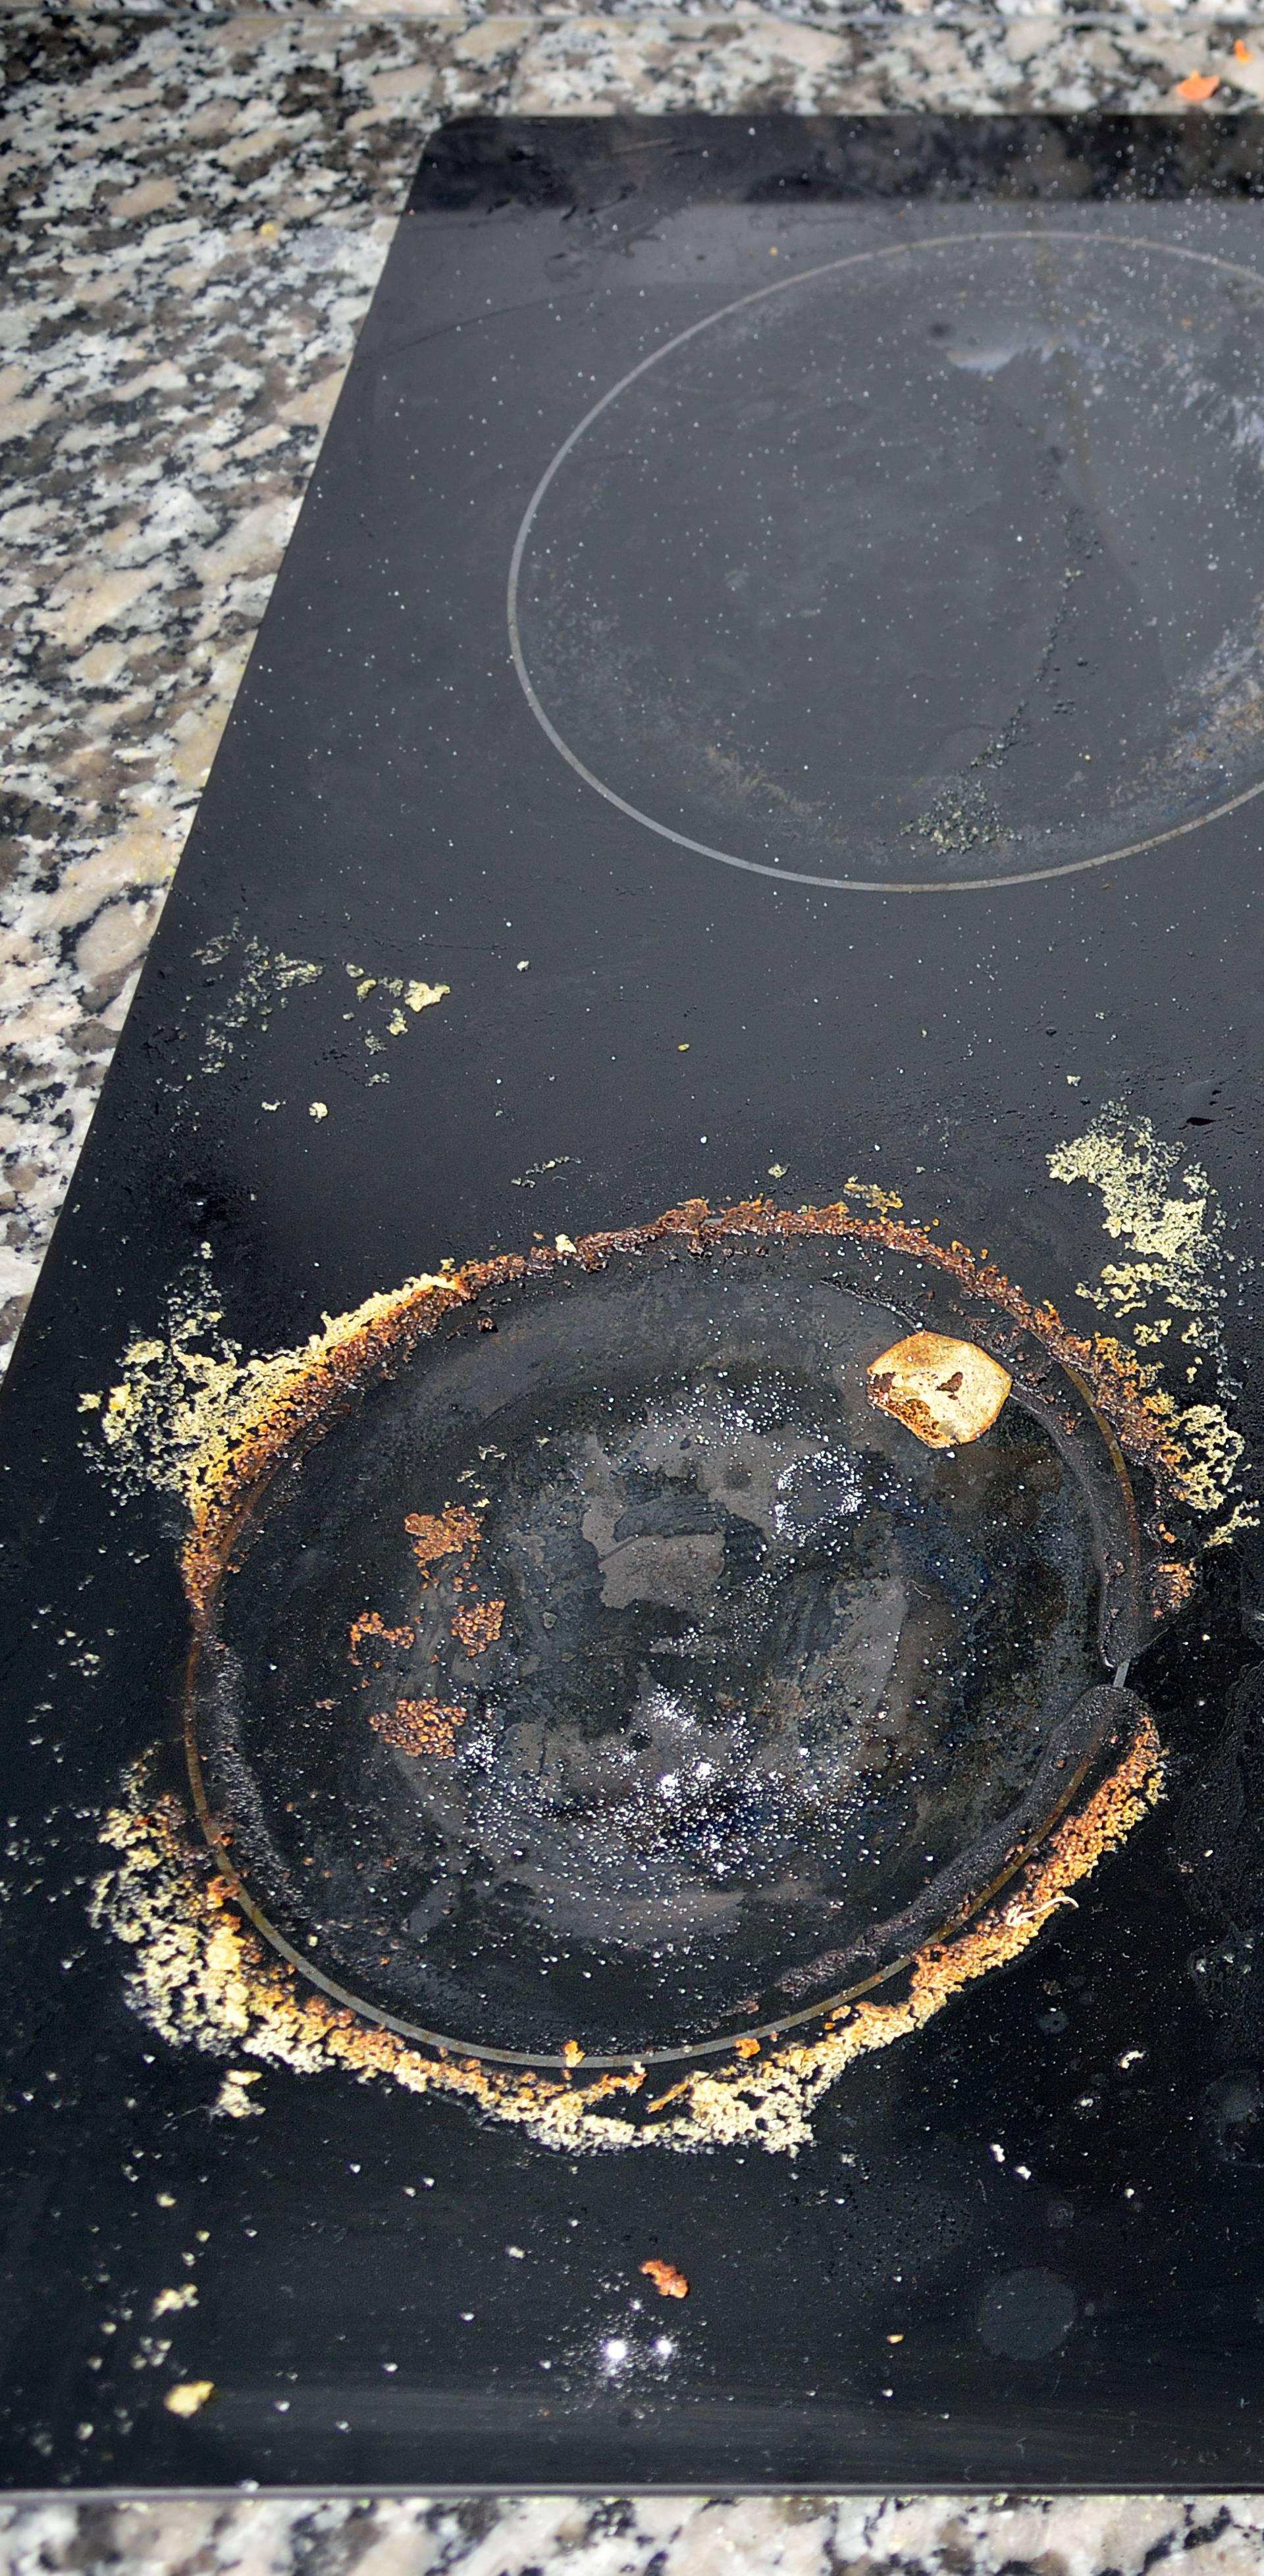 Čuvajte ploču za kuhanje: Ovih 13 pogreški je mogu uništiti